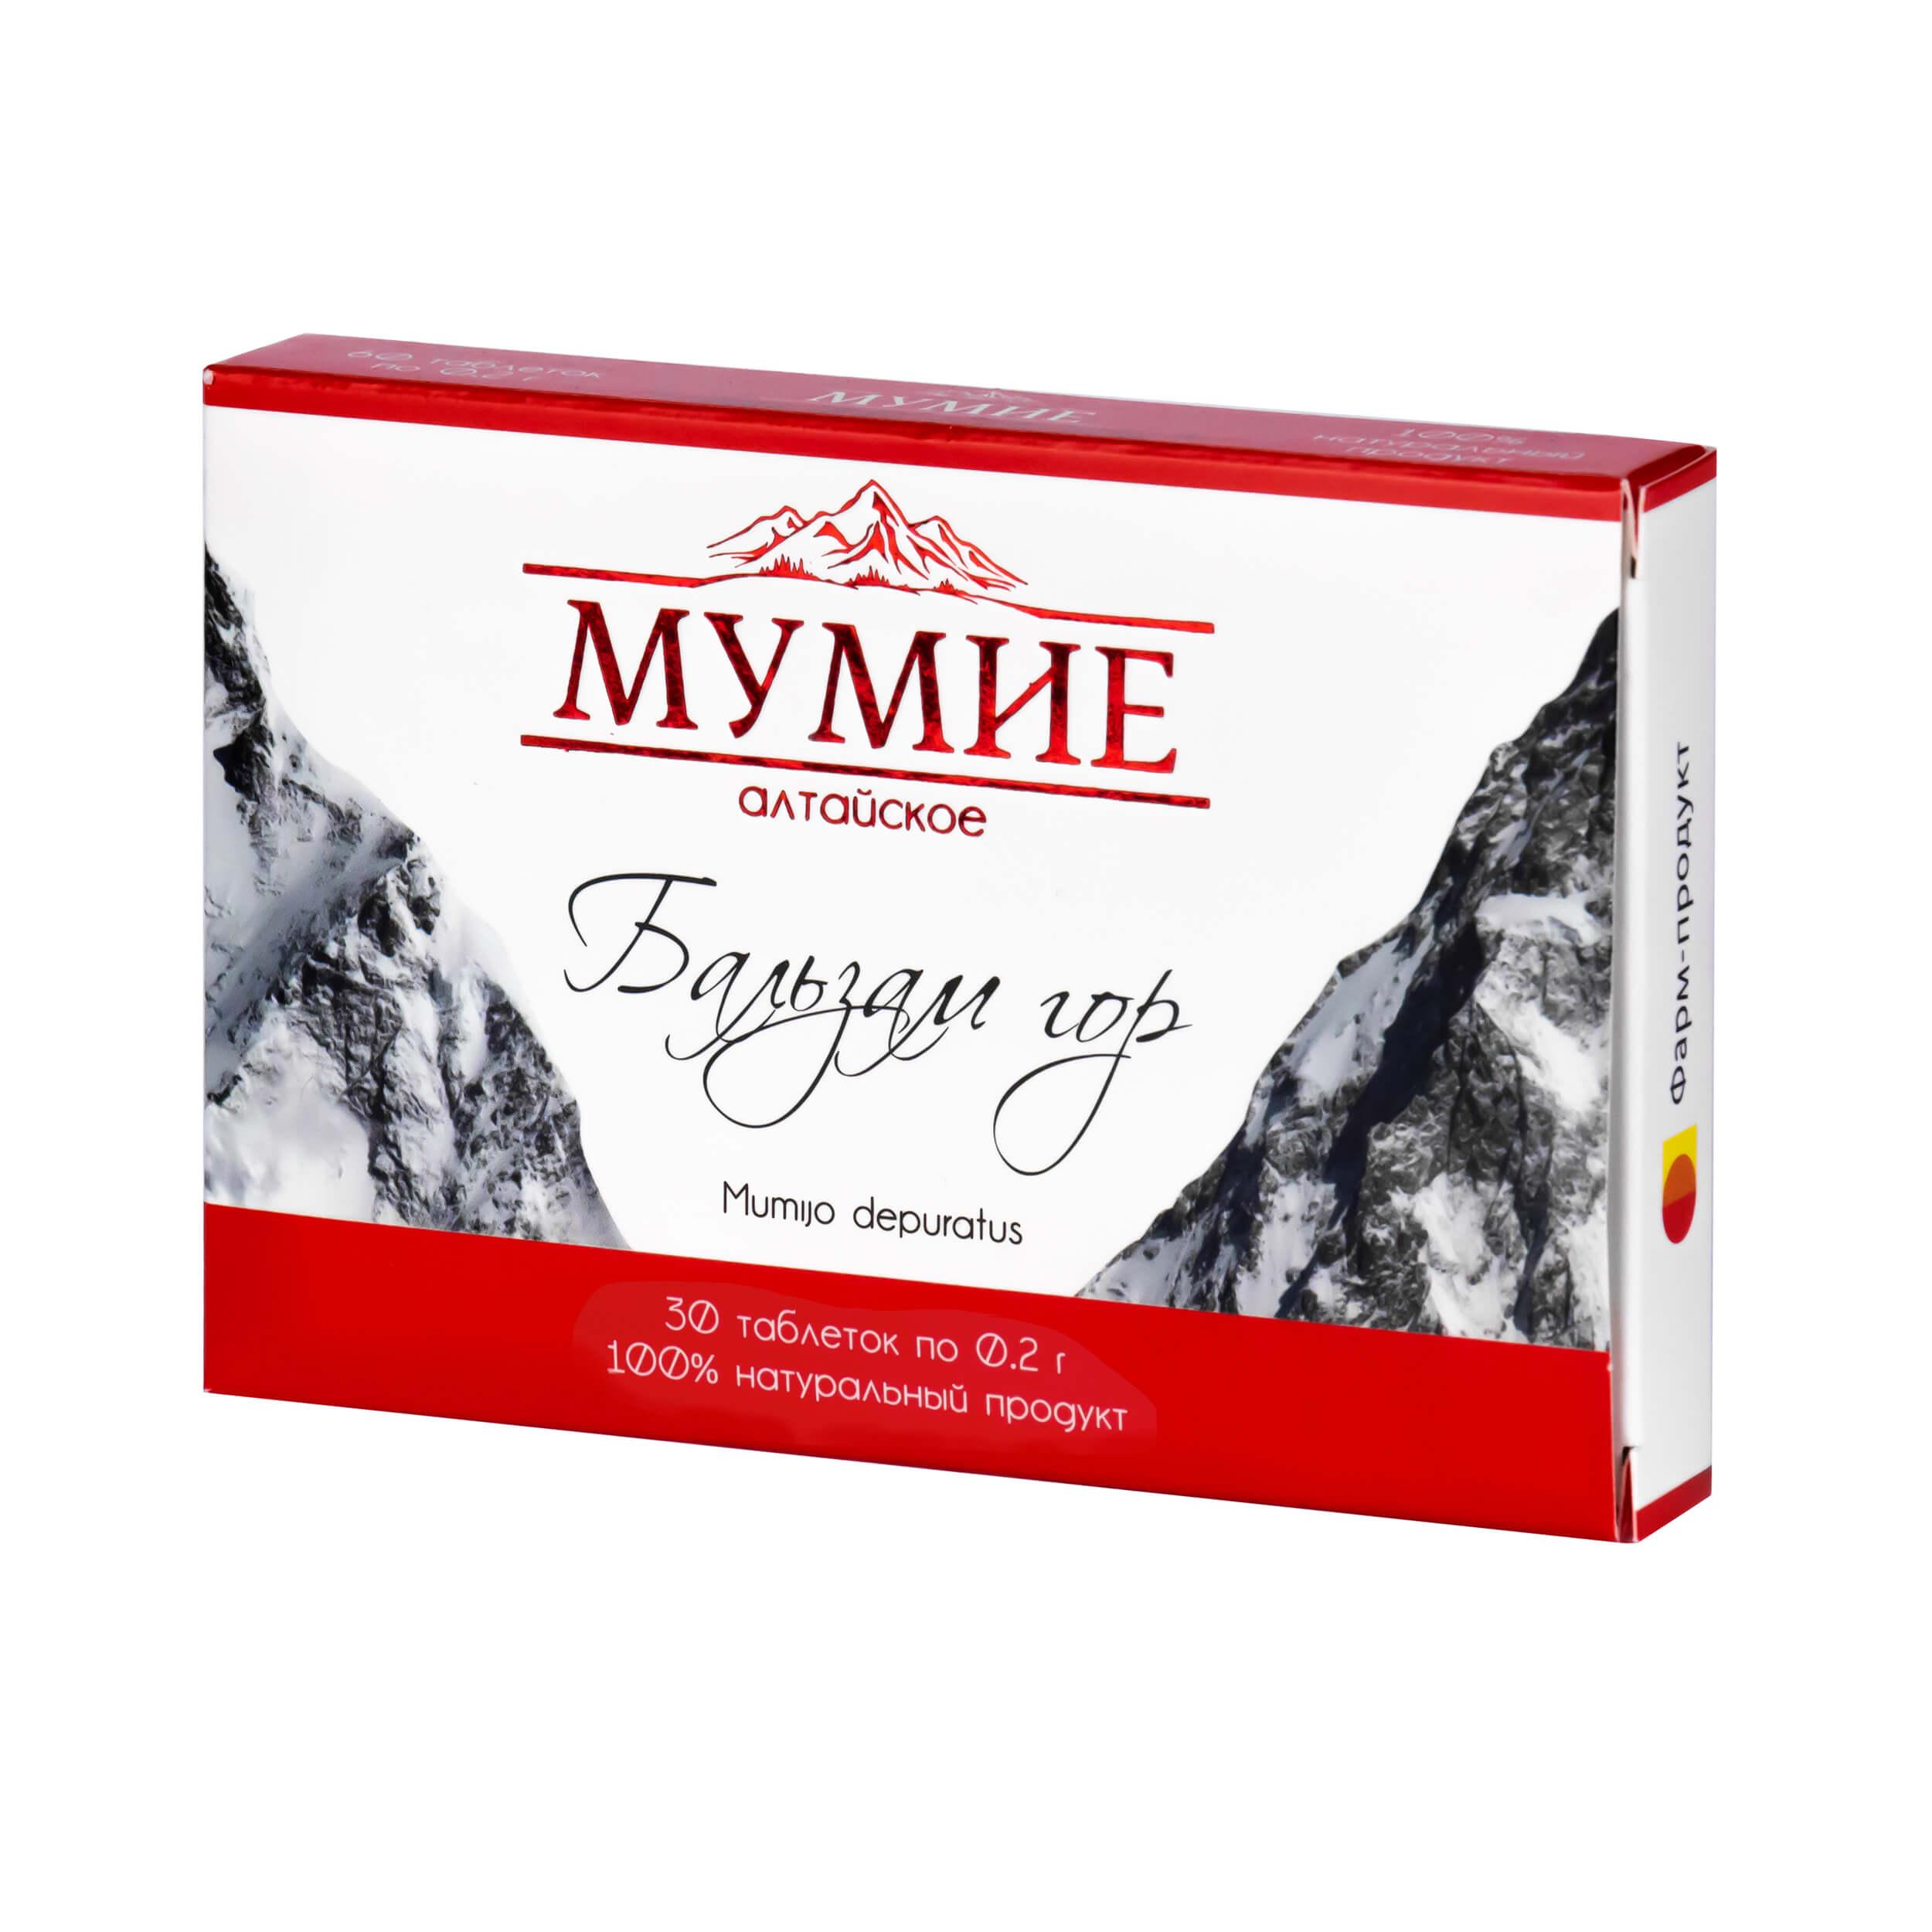 Мумие алтайское Бальзам гор (30 таблеток) фото